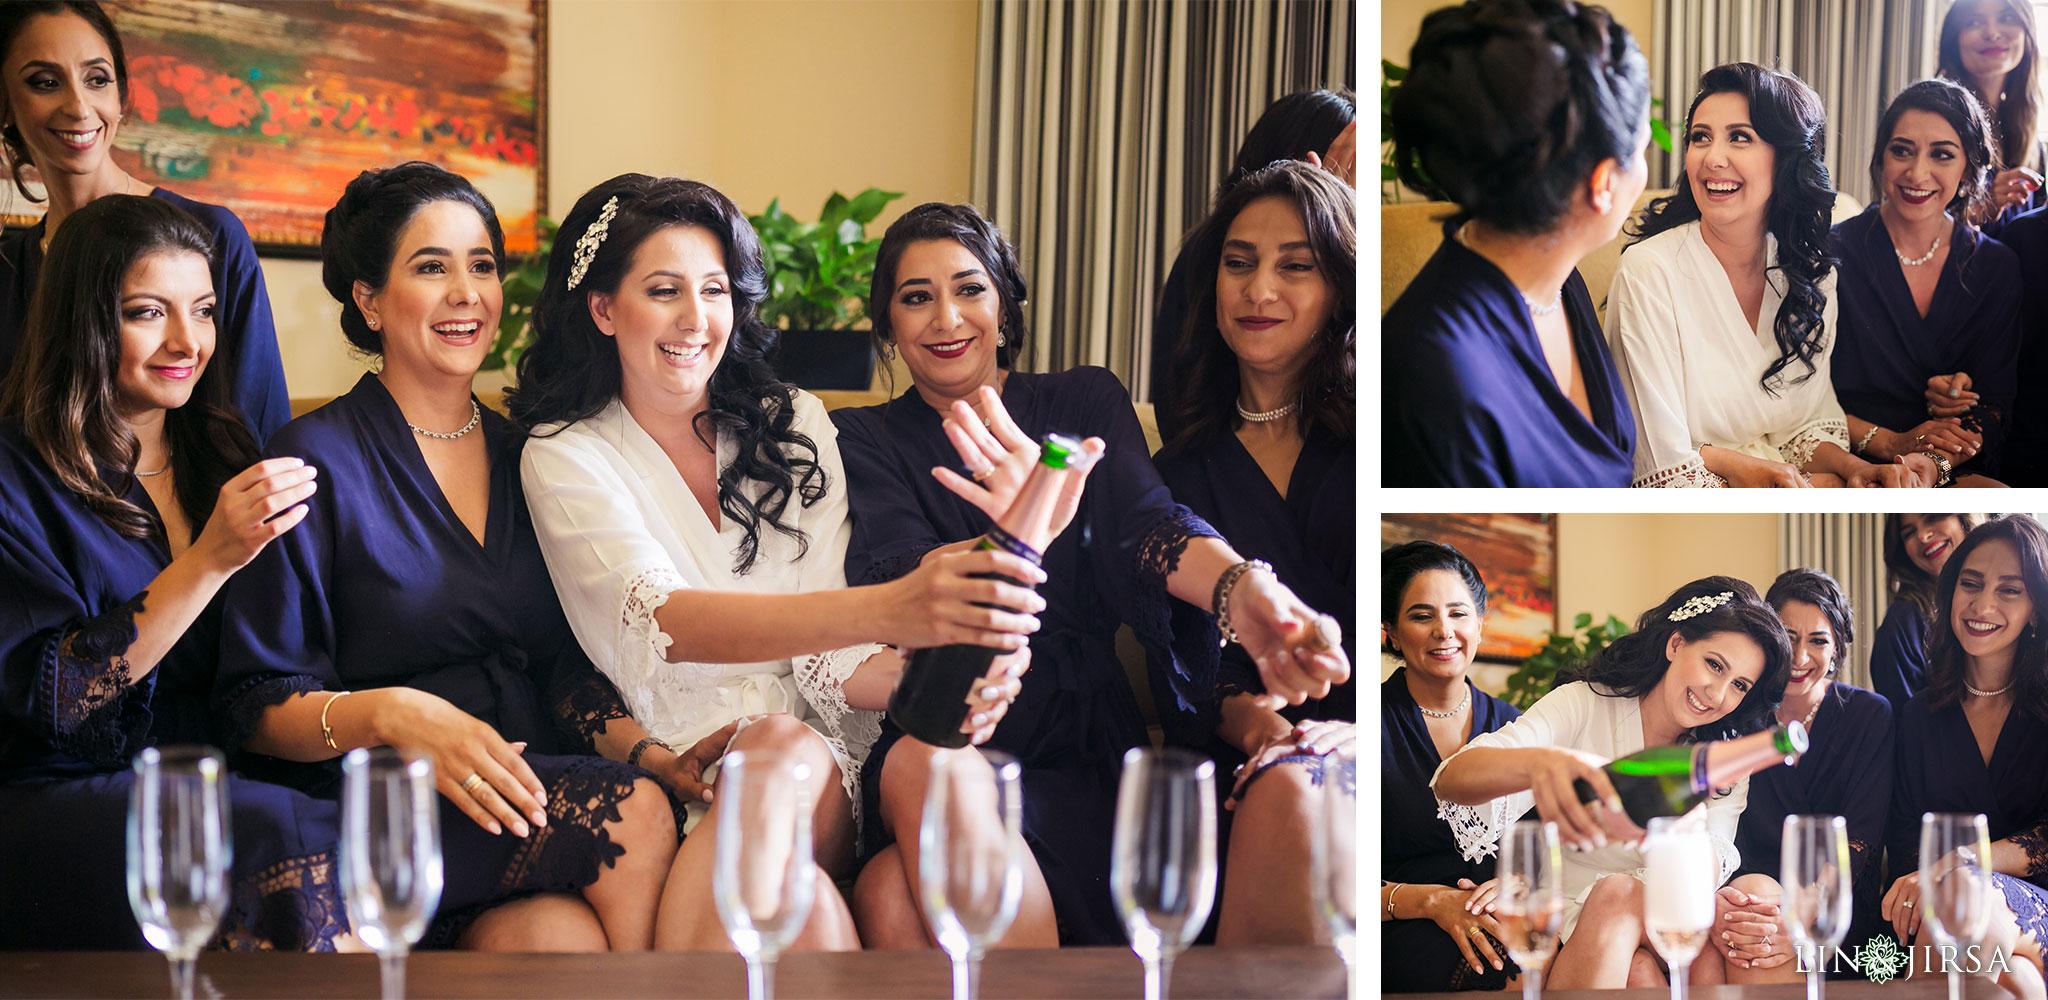 005 estancia la jolla hotel spa persian wedding photography